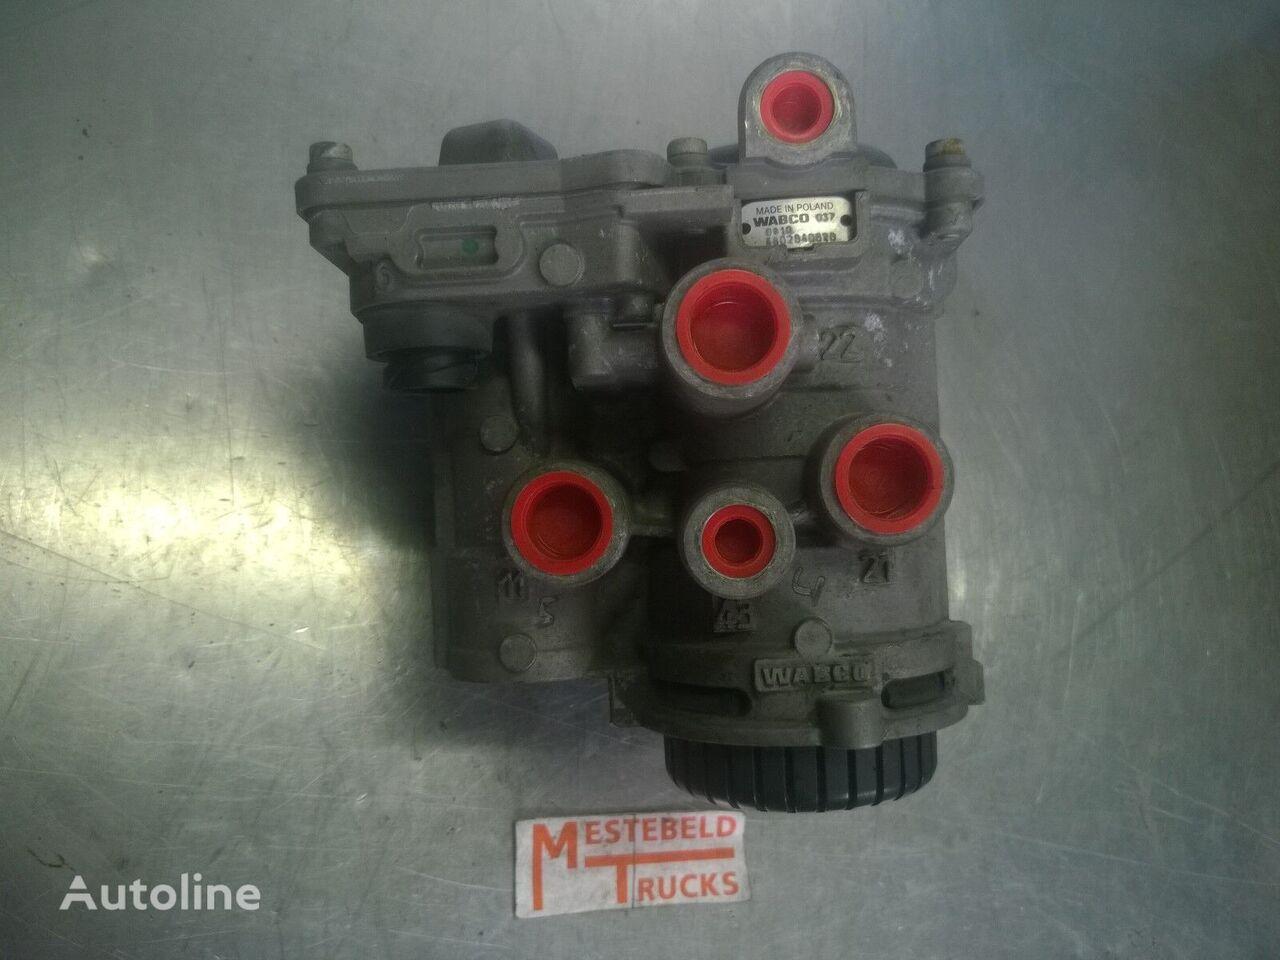 DAF valve for DAF Volgwagen stuurventiel tractor unit